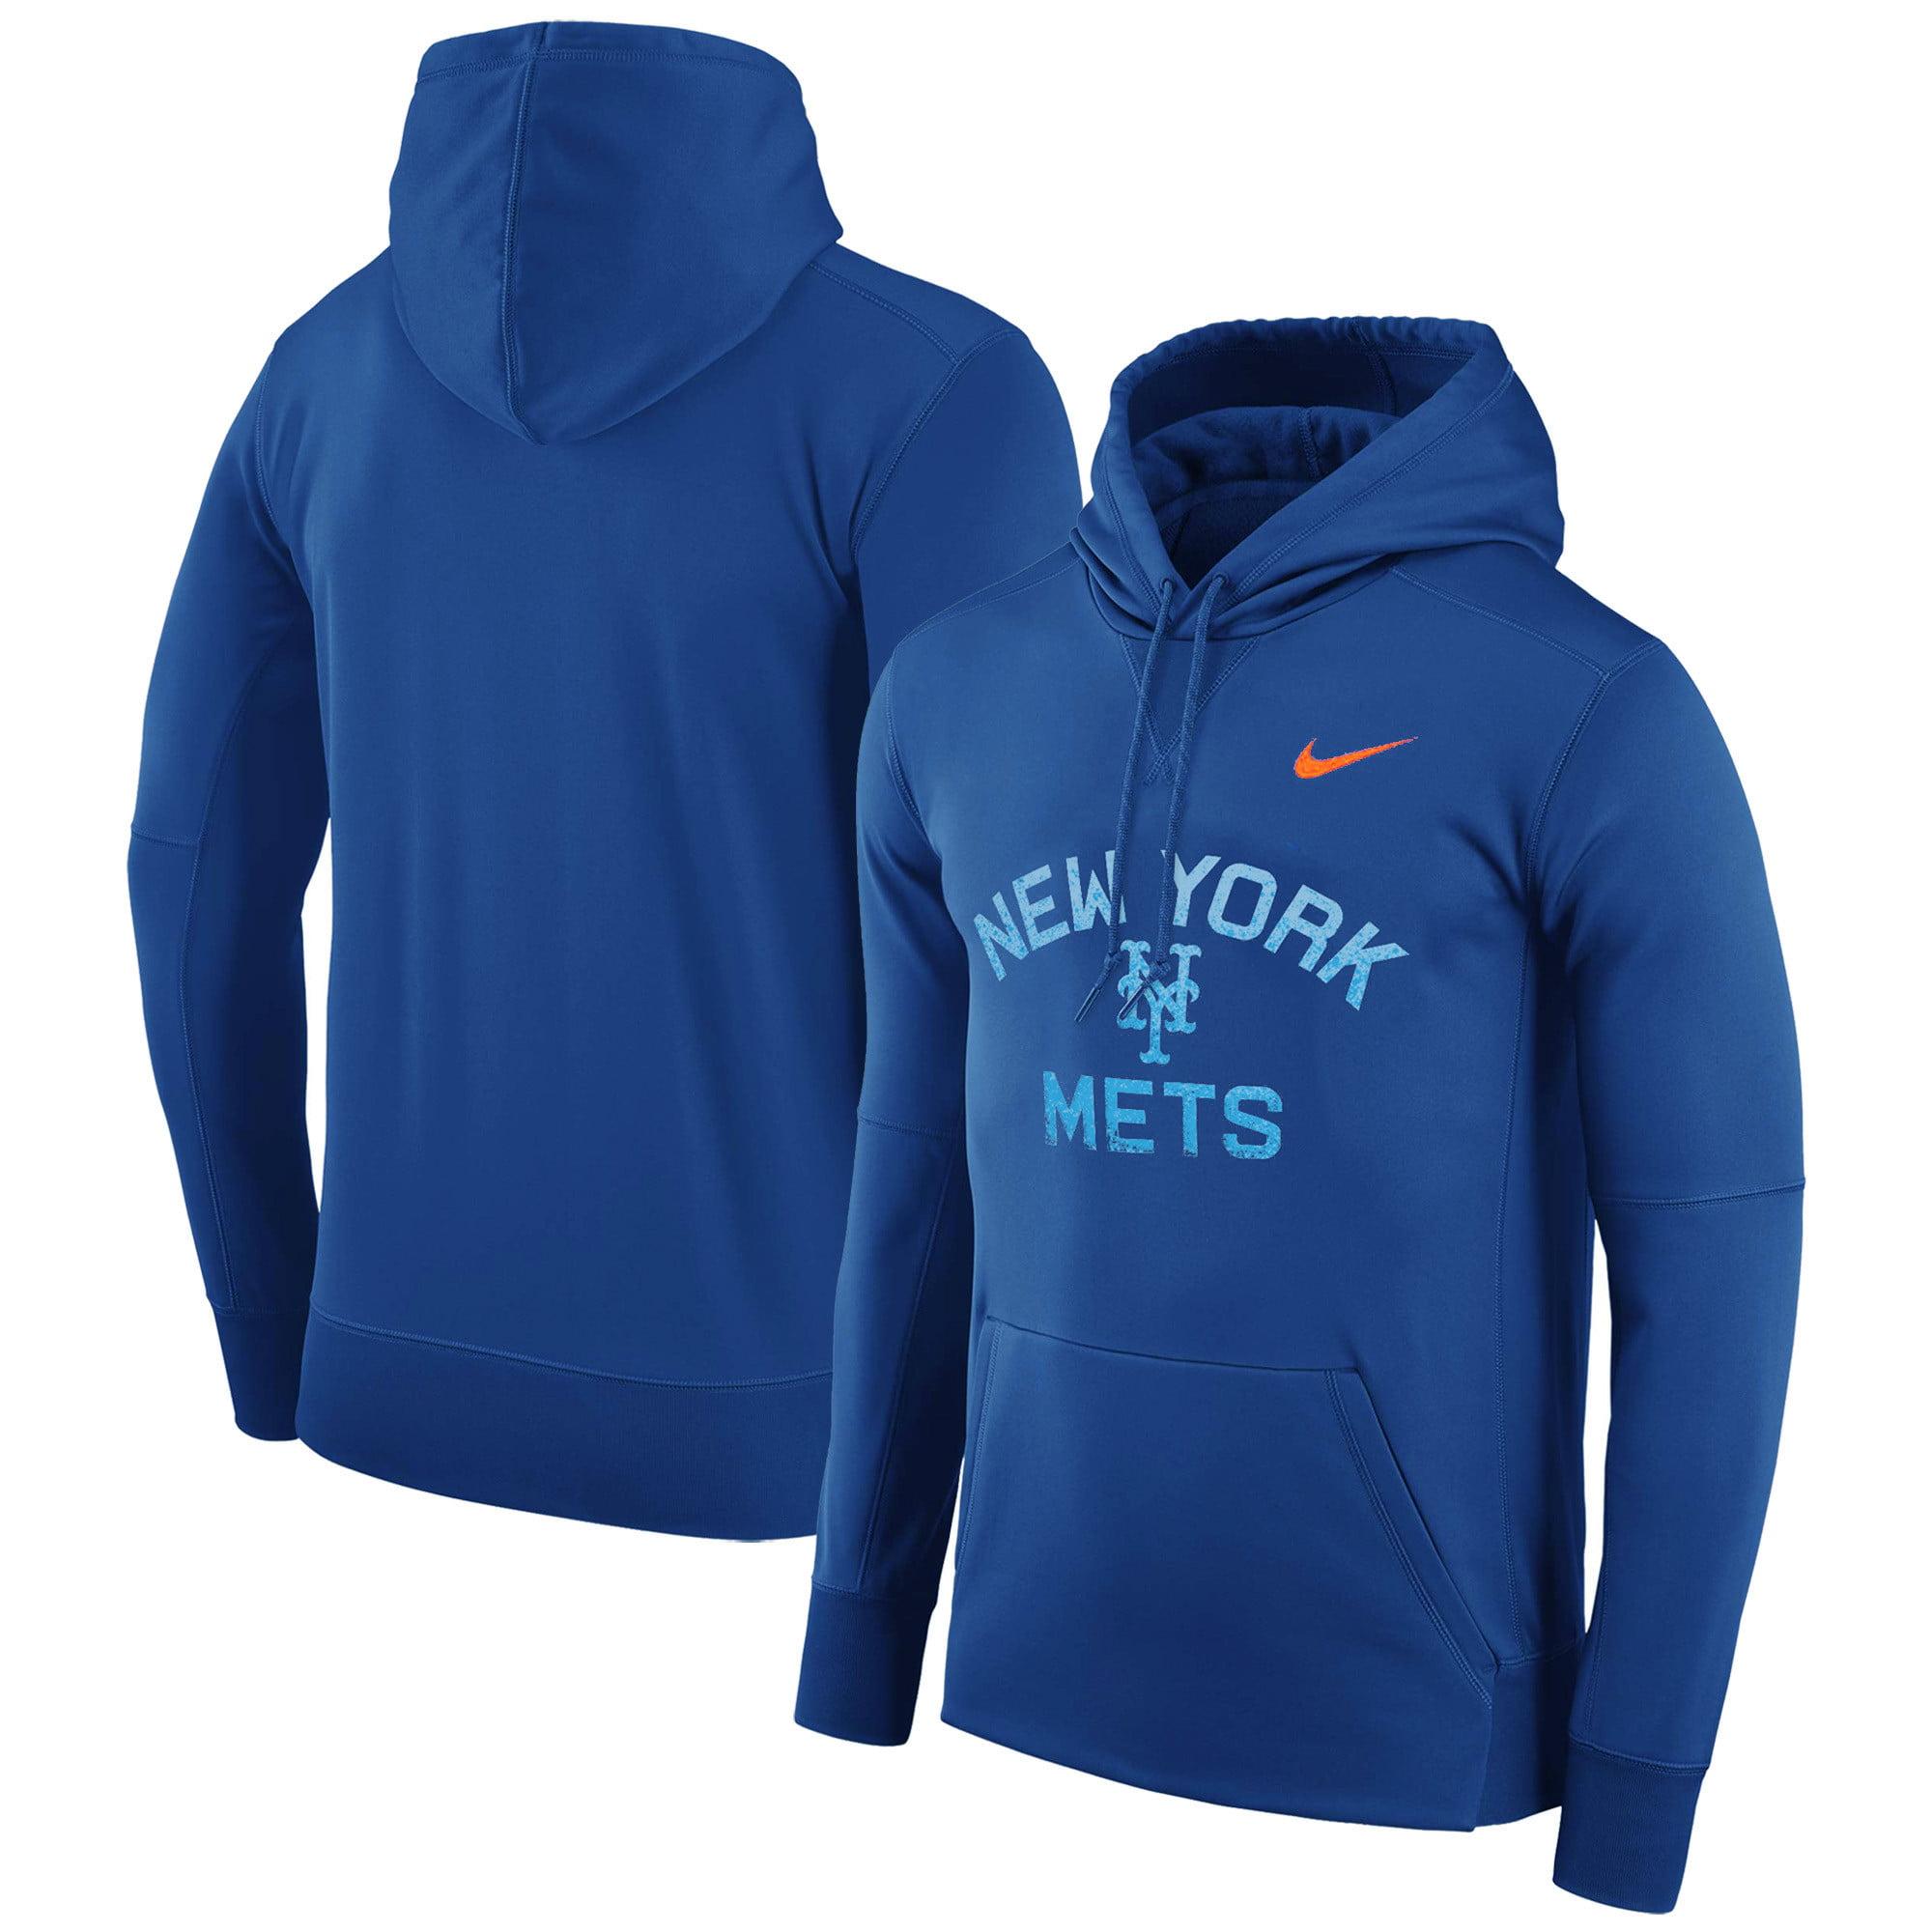 New York Mets Nike Therma Pullover Hoodie - Royal